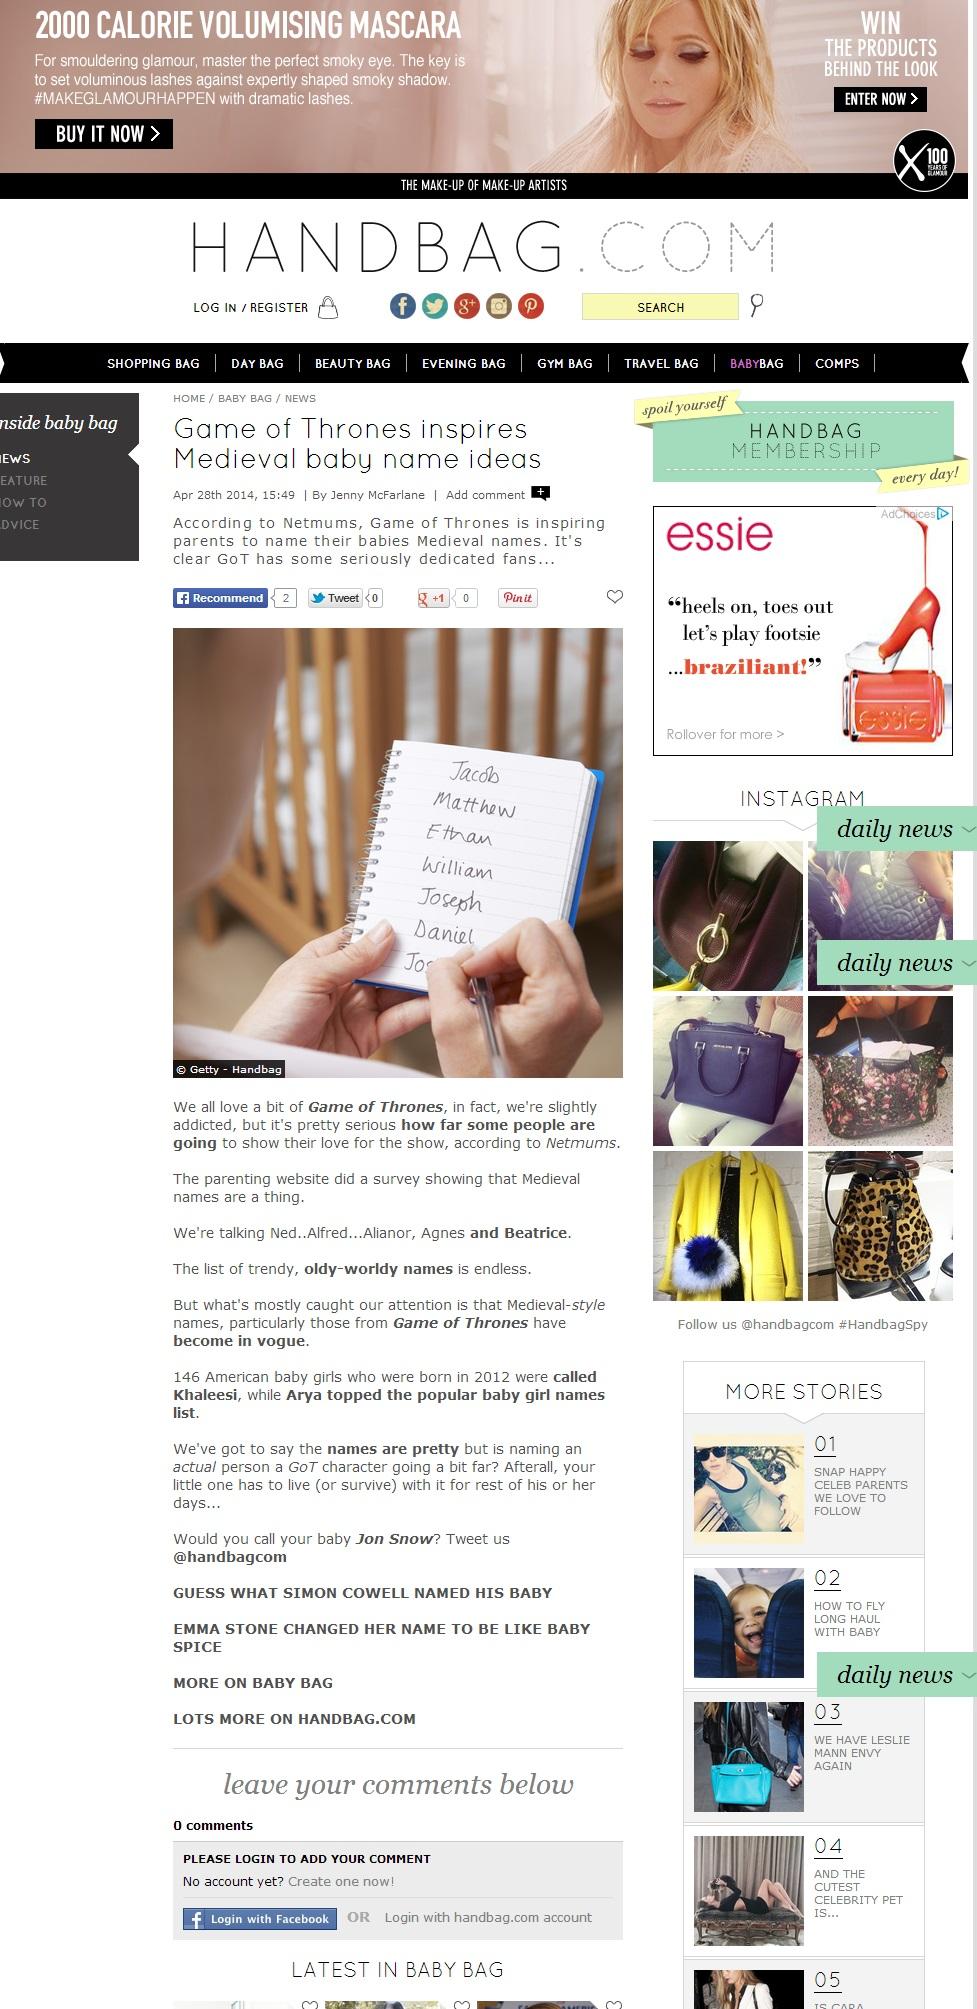 screencapture-www-handbag-com-baby-bag-news-a567274-game-of-thrones-inspires-medieval-baby-name-ideas-html